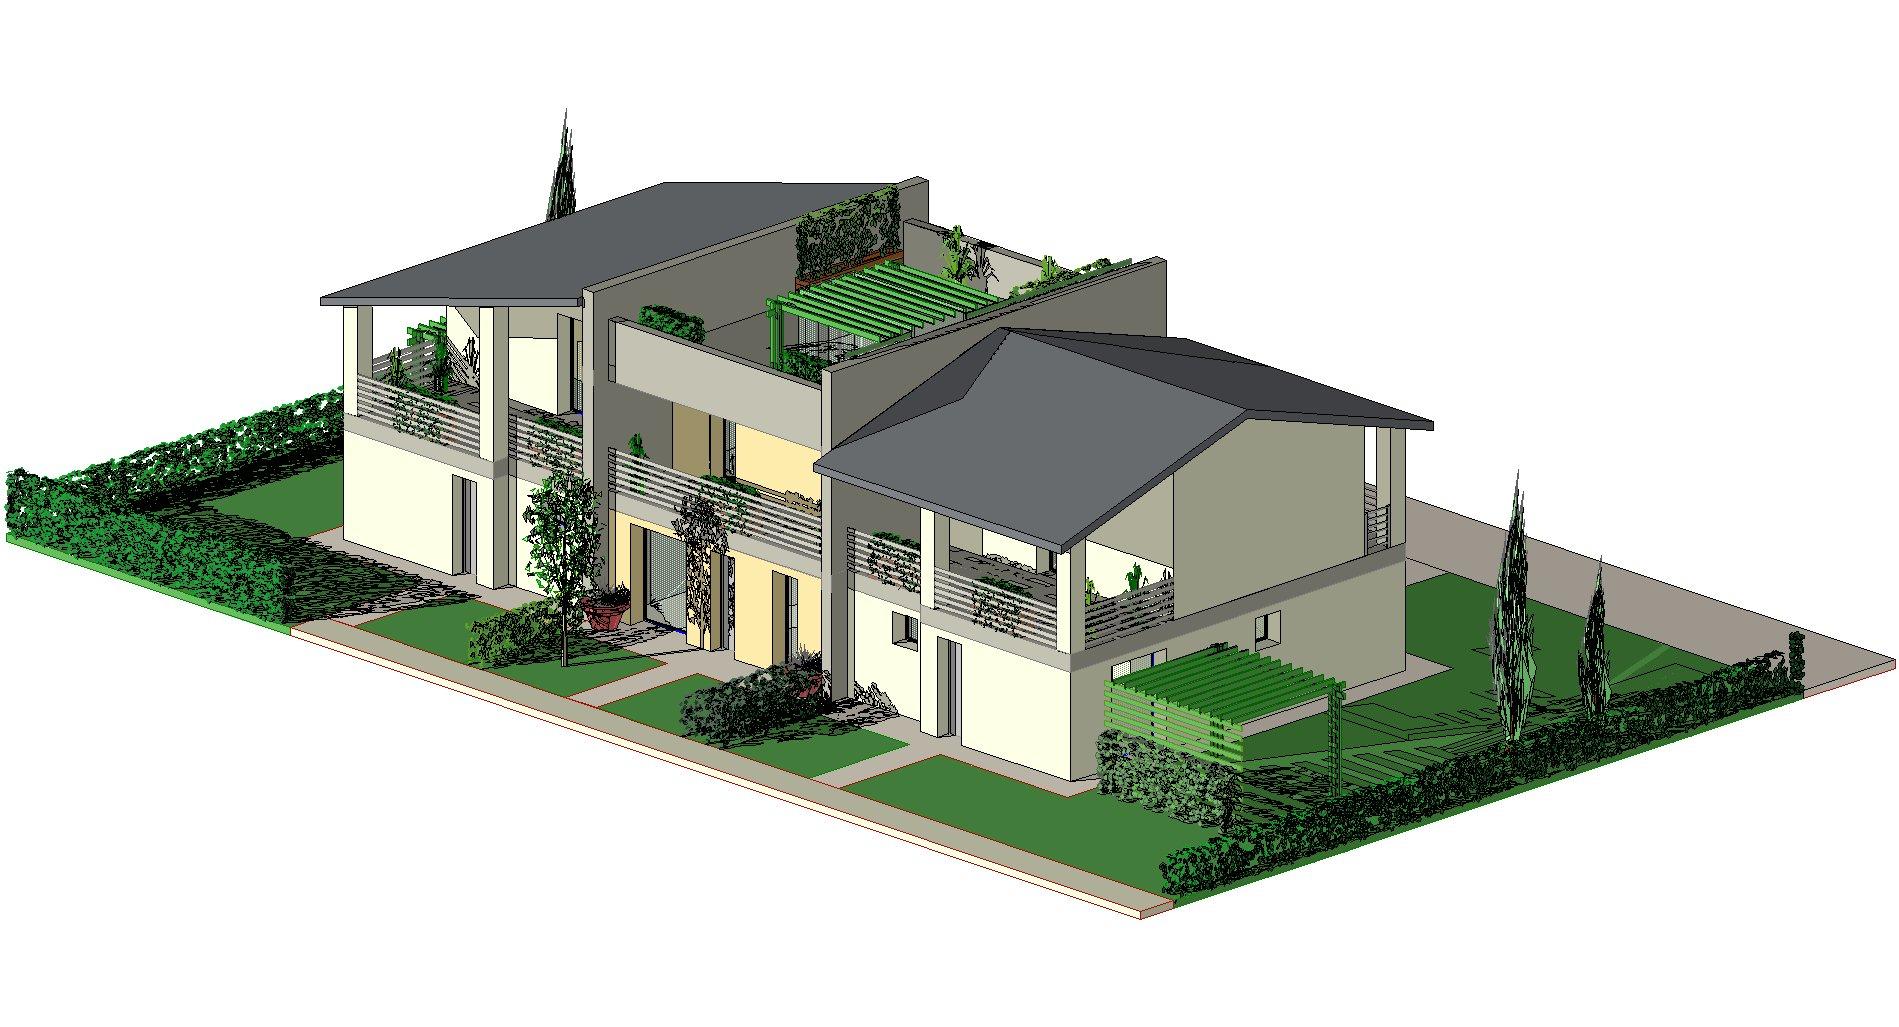 Progetti Esterni Case : Case moderne progetti simple free amazing il comfort di abitare